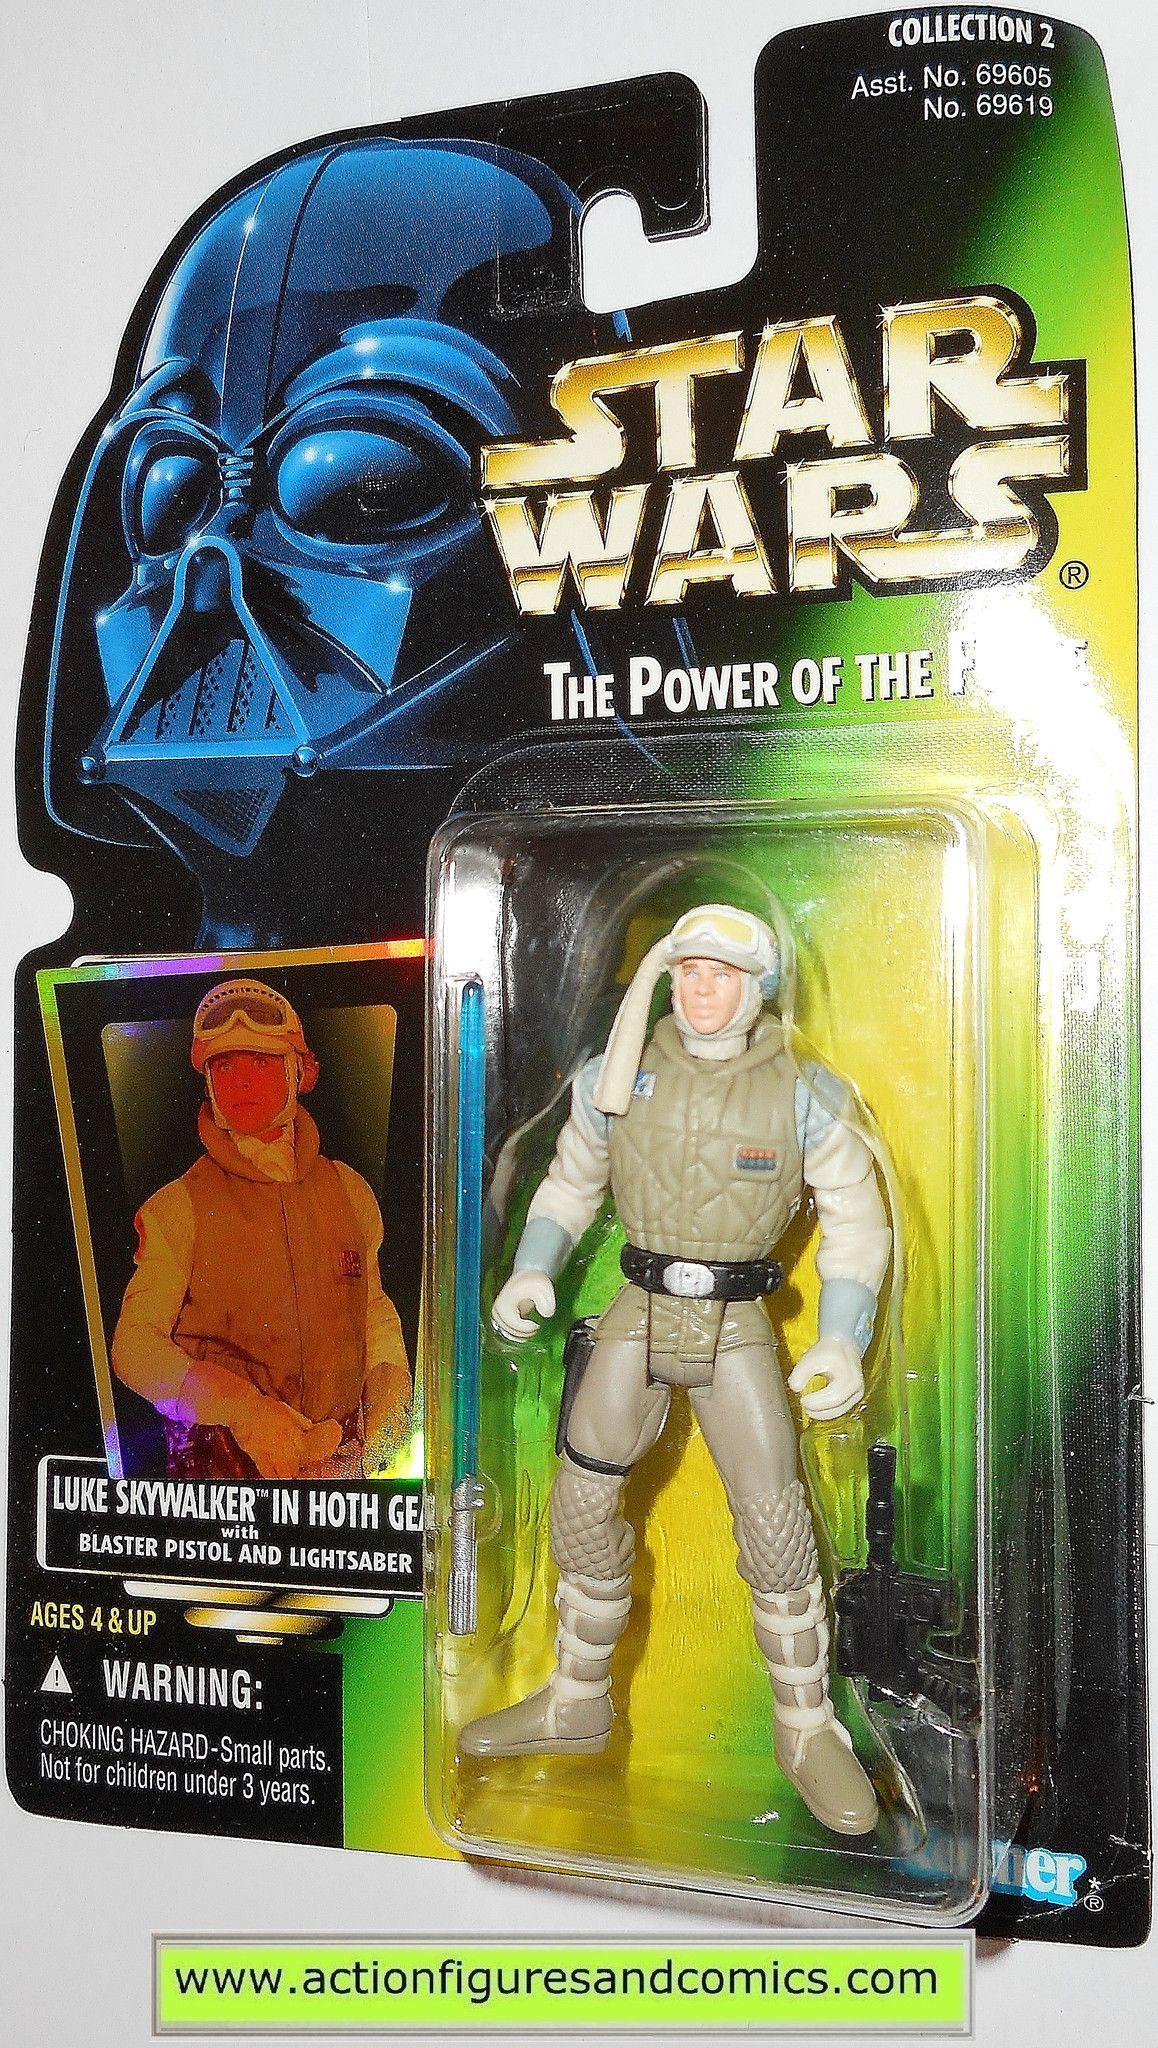 Star Wars Luke Skywalker Hoth Gear Action Figure POTF MOC Kenner Toy Power Force